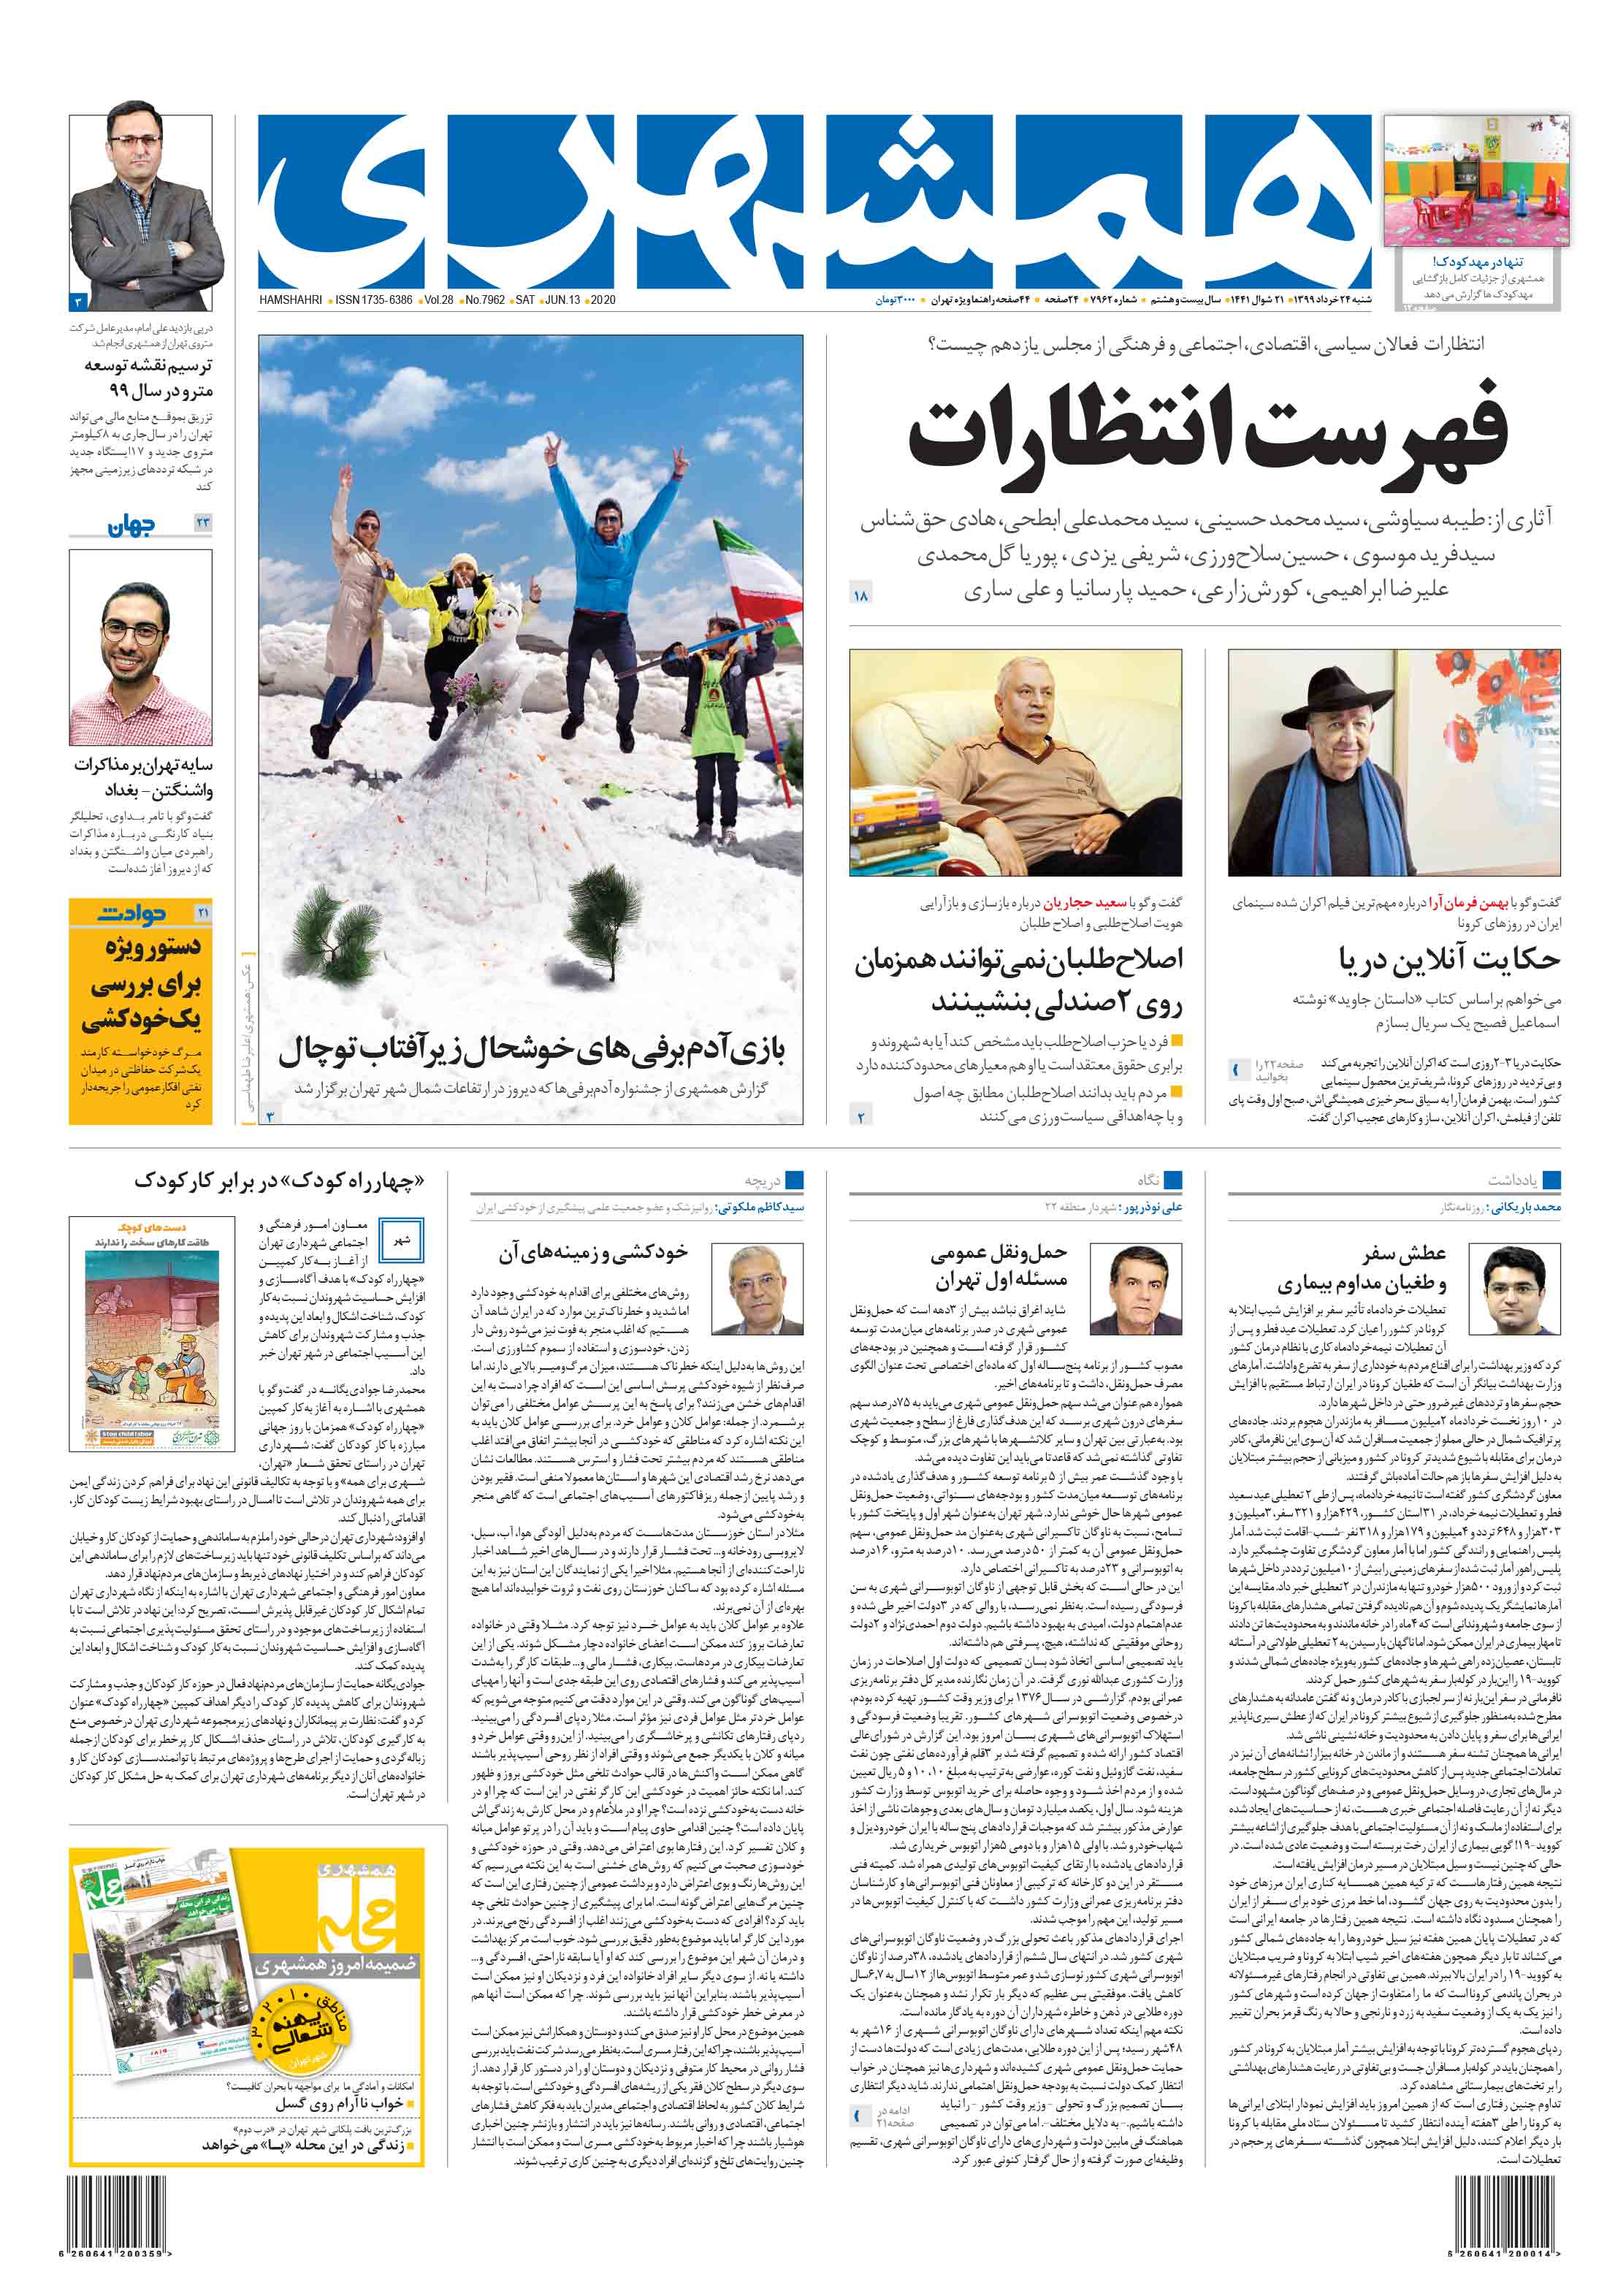 صفحه اول شنبه 24 خرداد 1399